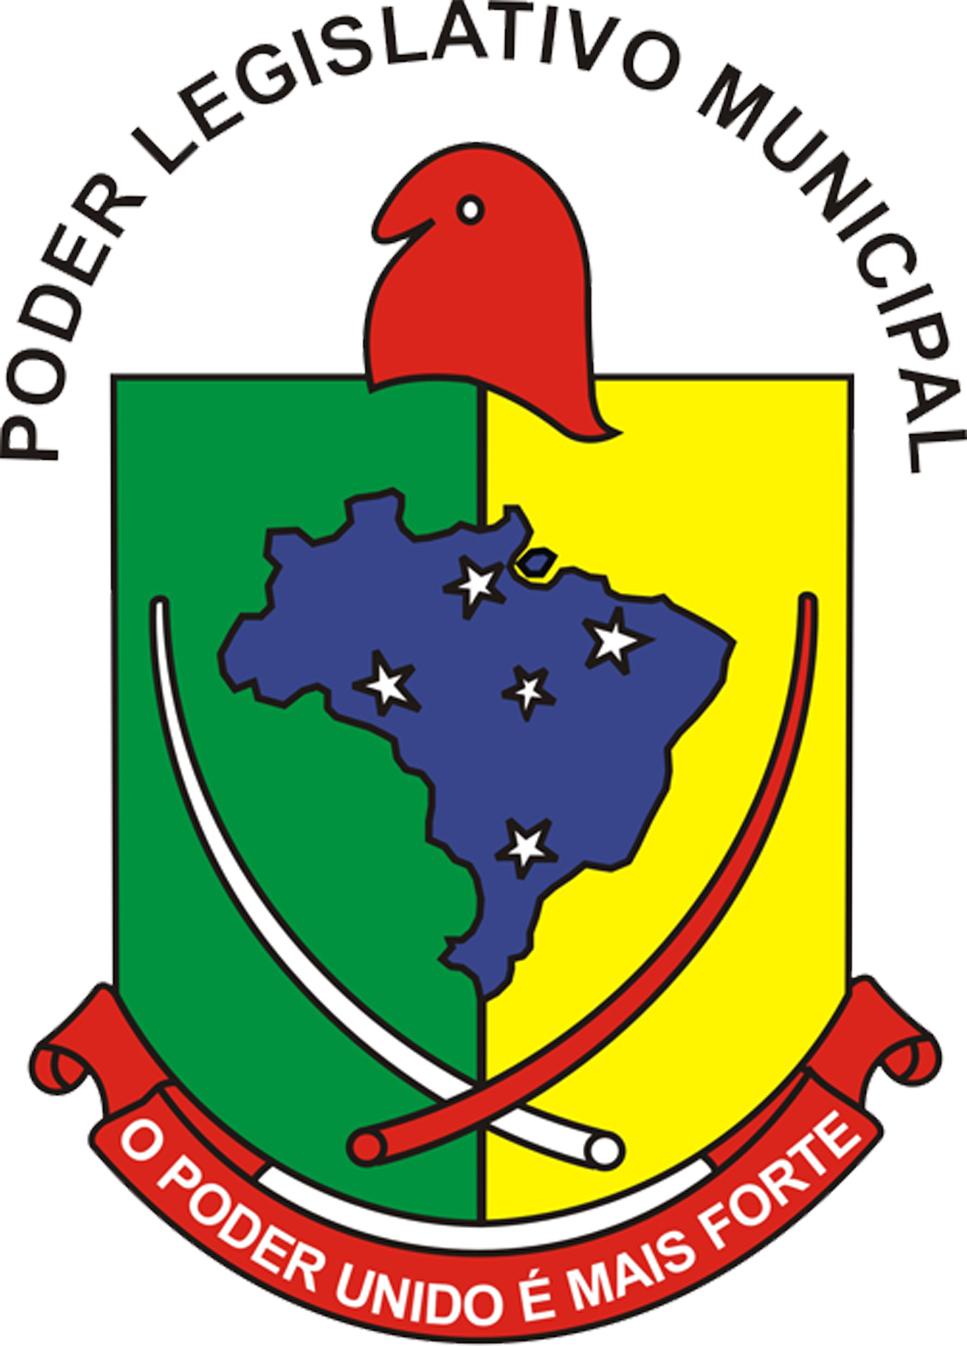 Eleitos novos presidentes nas Câmaras de Vereadores da região